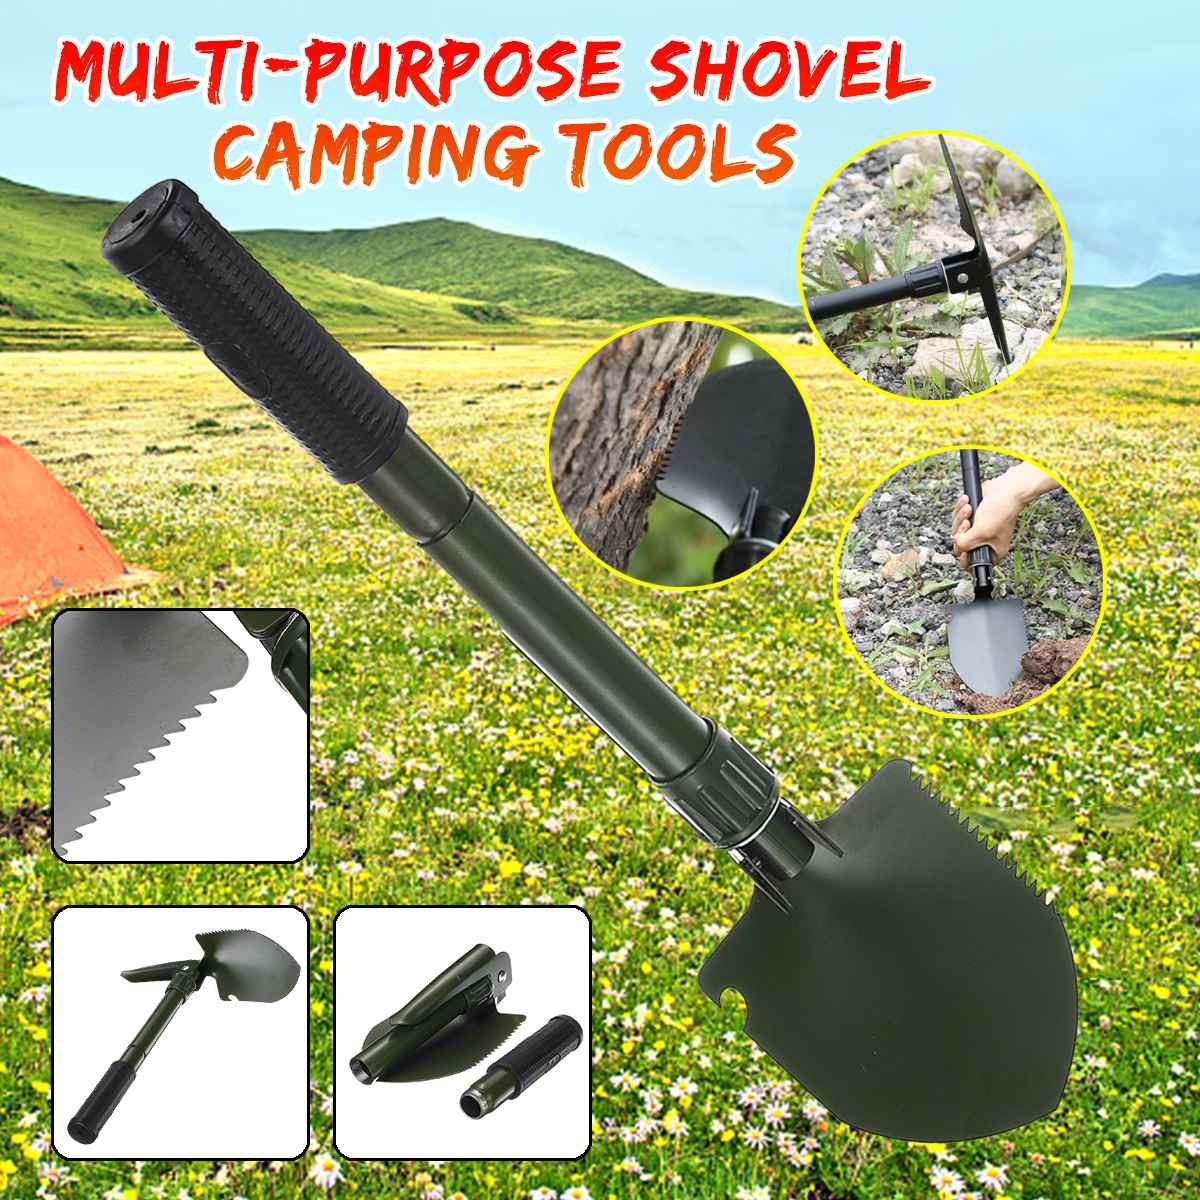 2020 новая многоцелевая наружная Лопата садовые инструменты складная Военная Лопата для кемпинга защитные средства безопасности